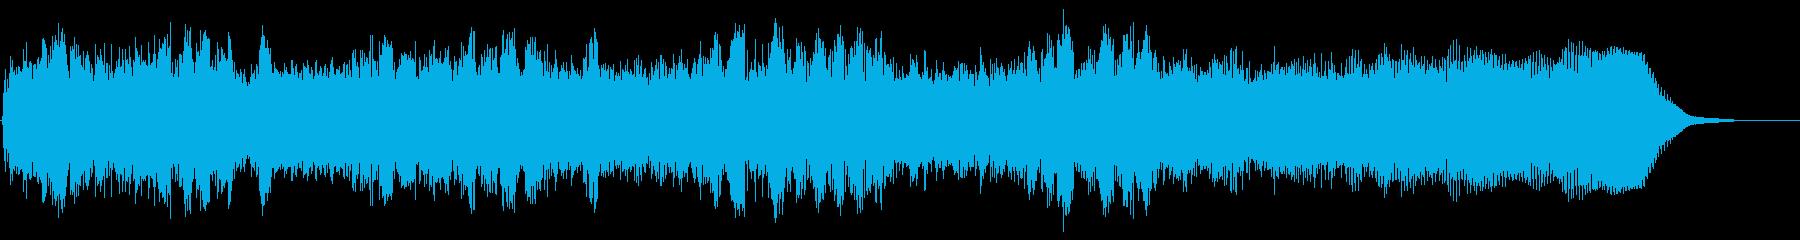 ヘビーメタルのリズムギター バッキングAの再生済みの波形